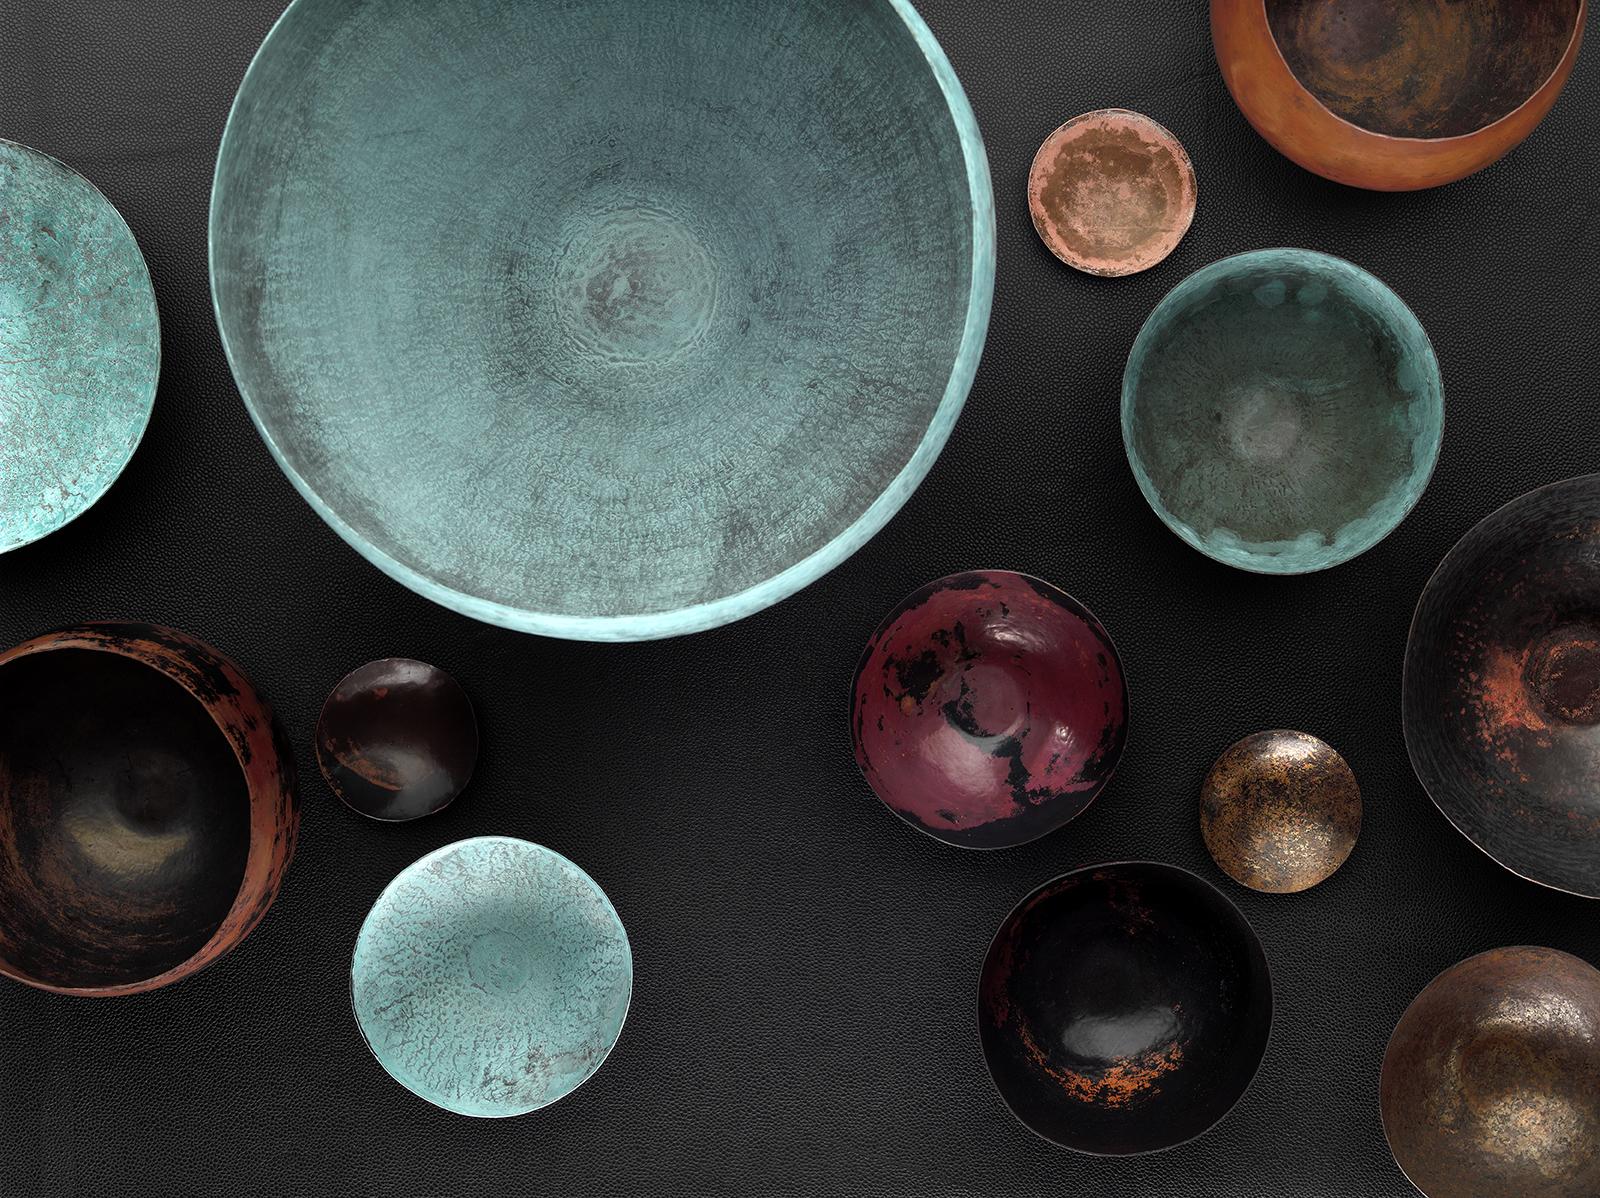 Werbefotografie Fotostudio Oberfranken Handcraftet Bowls FROM ISMAEL CONDE RUIZ silversmith